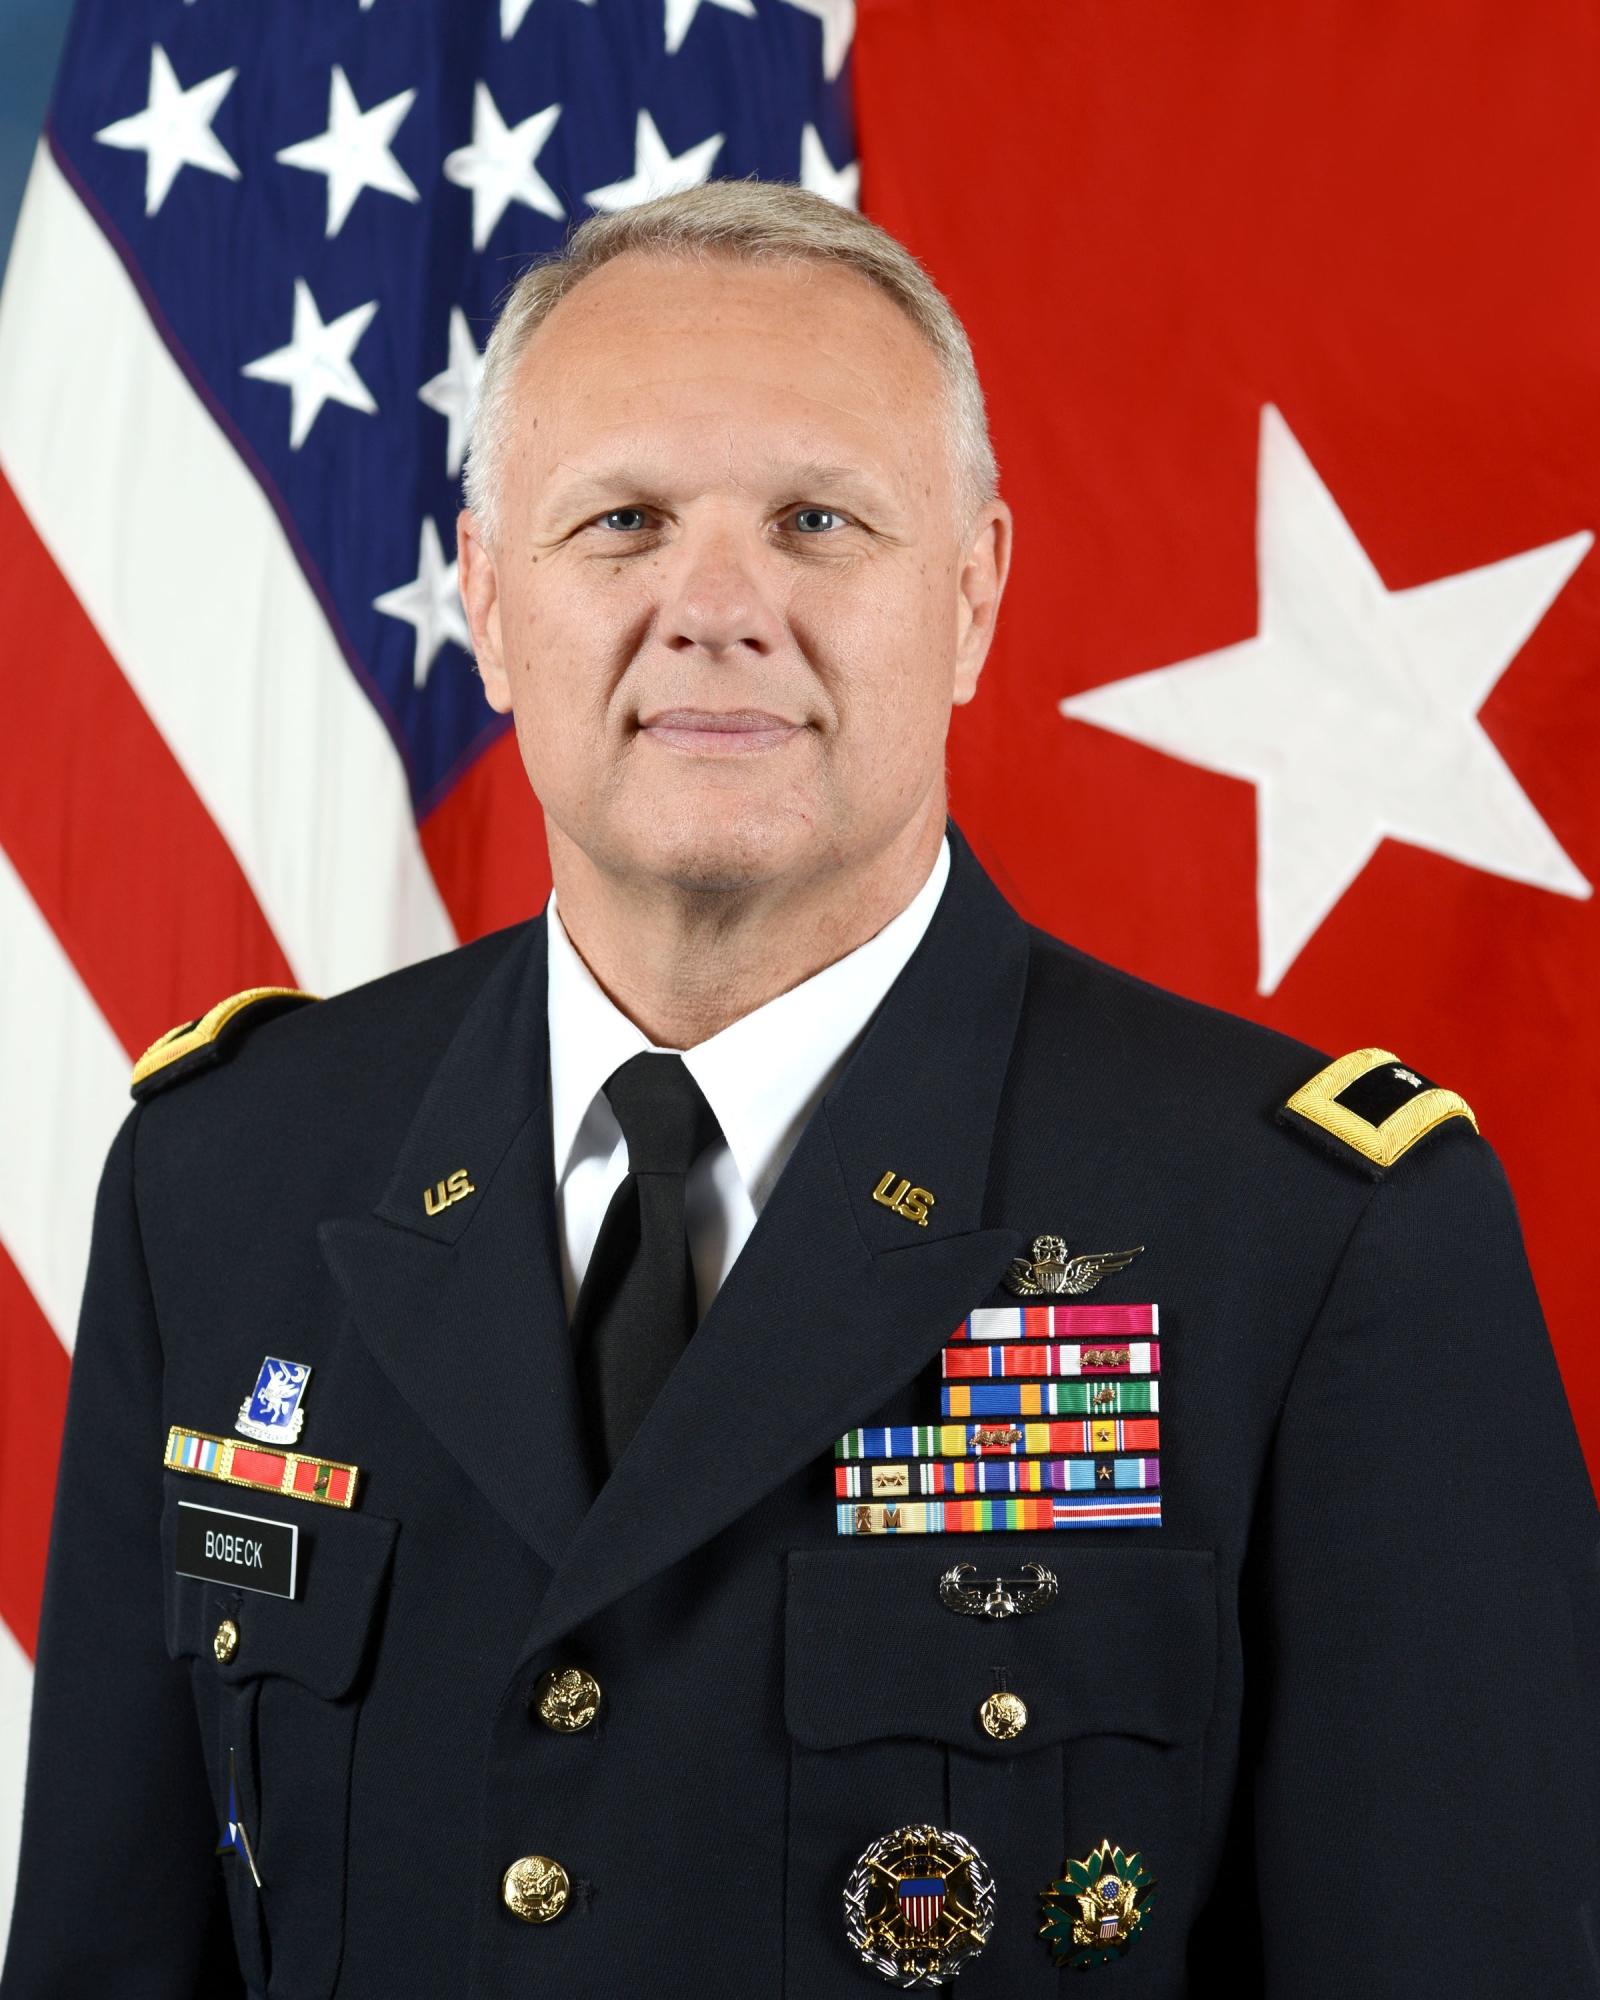 Brig. Gen. Michael E. Bobeck